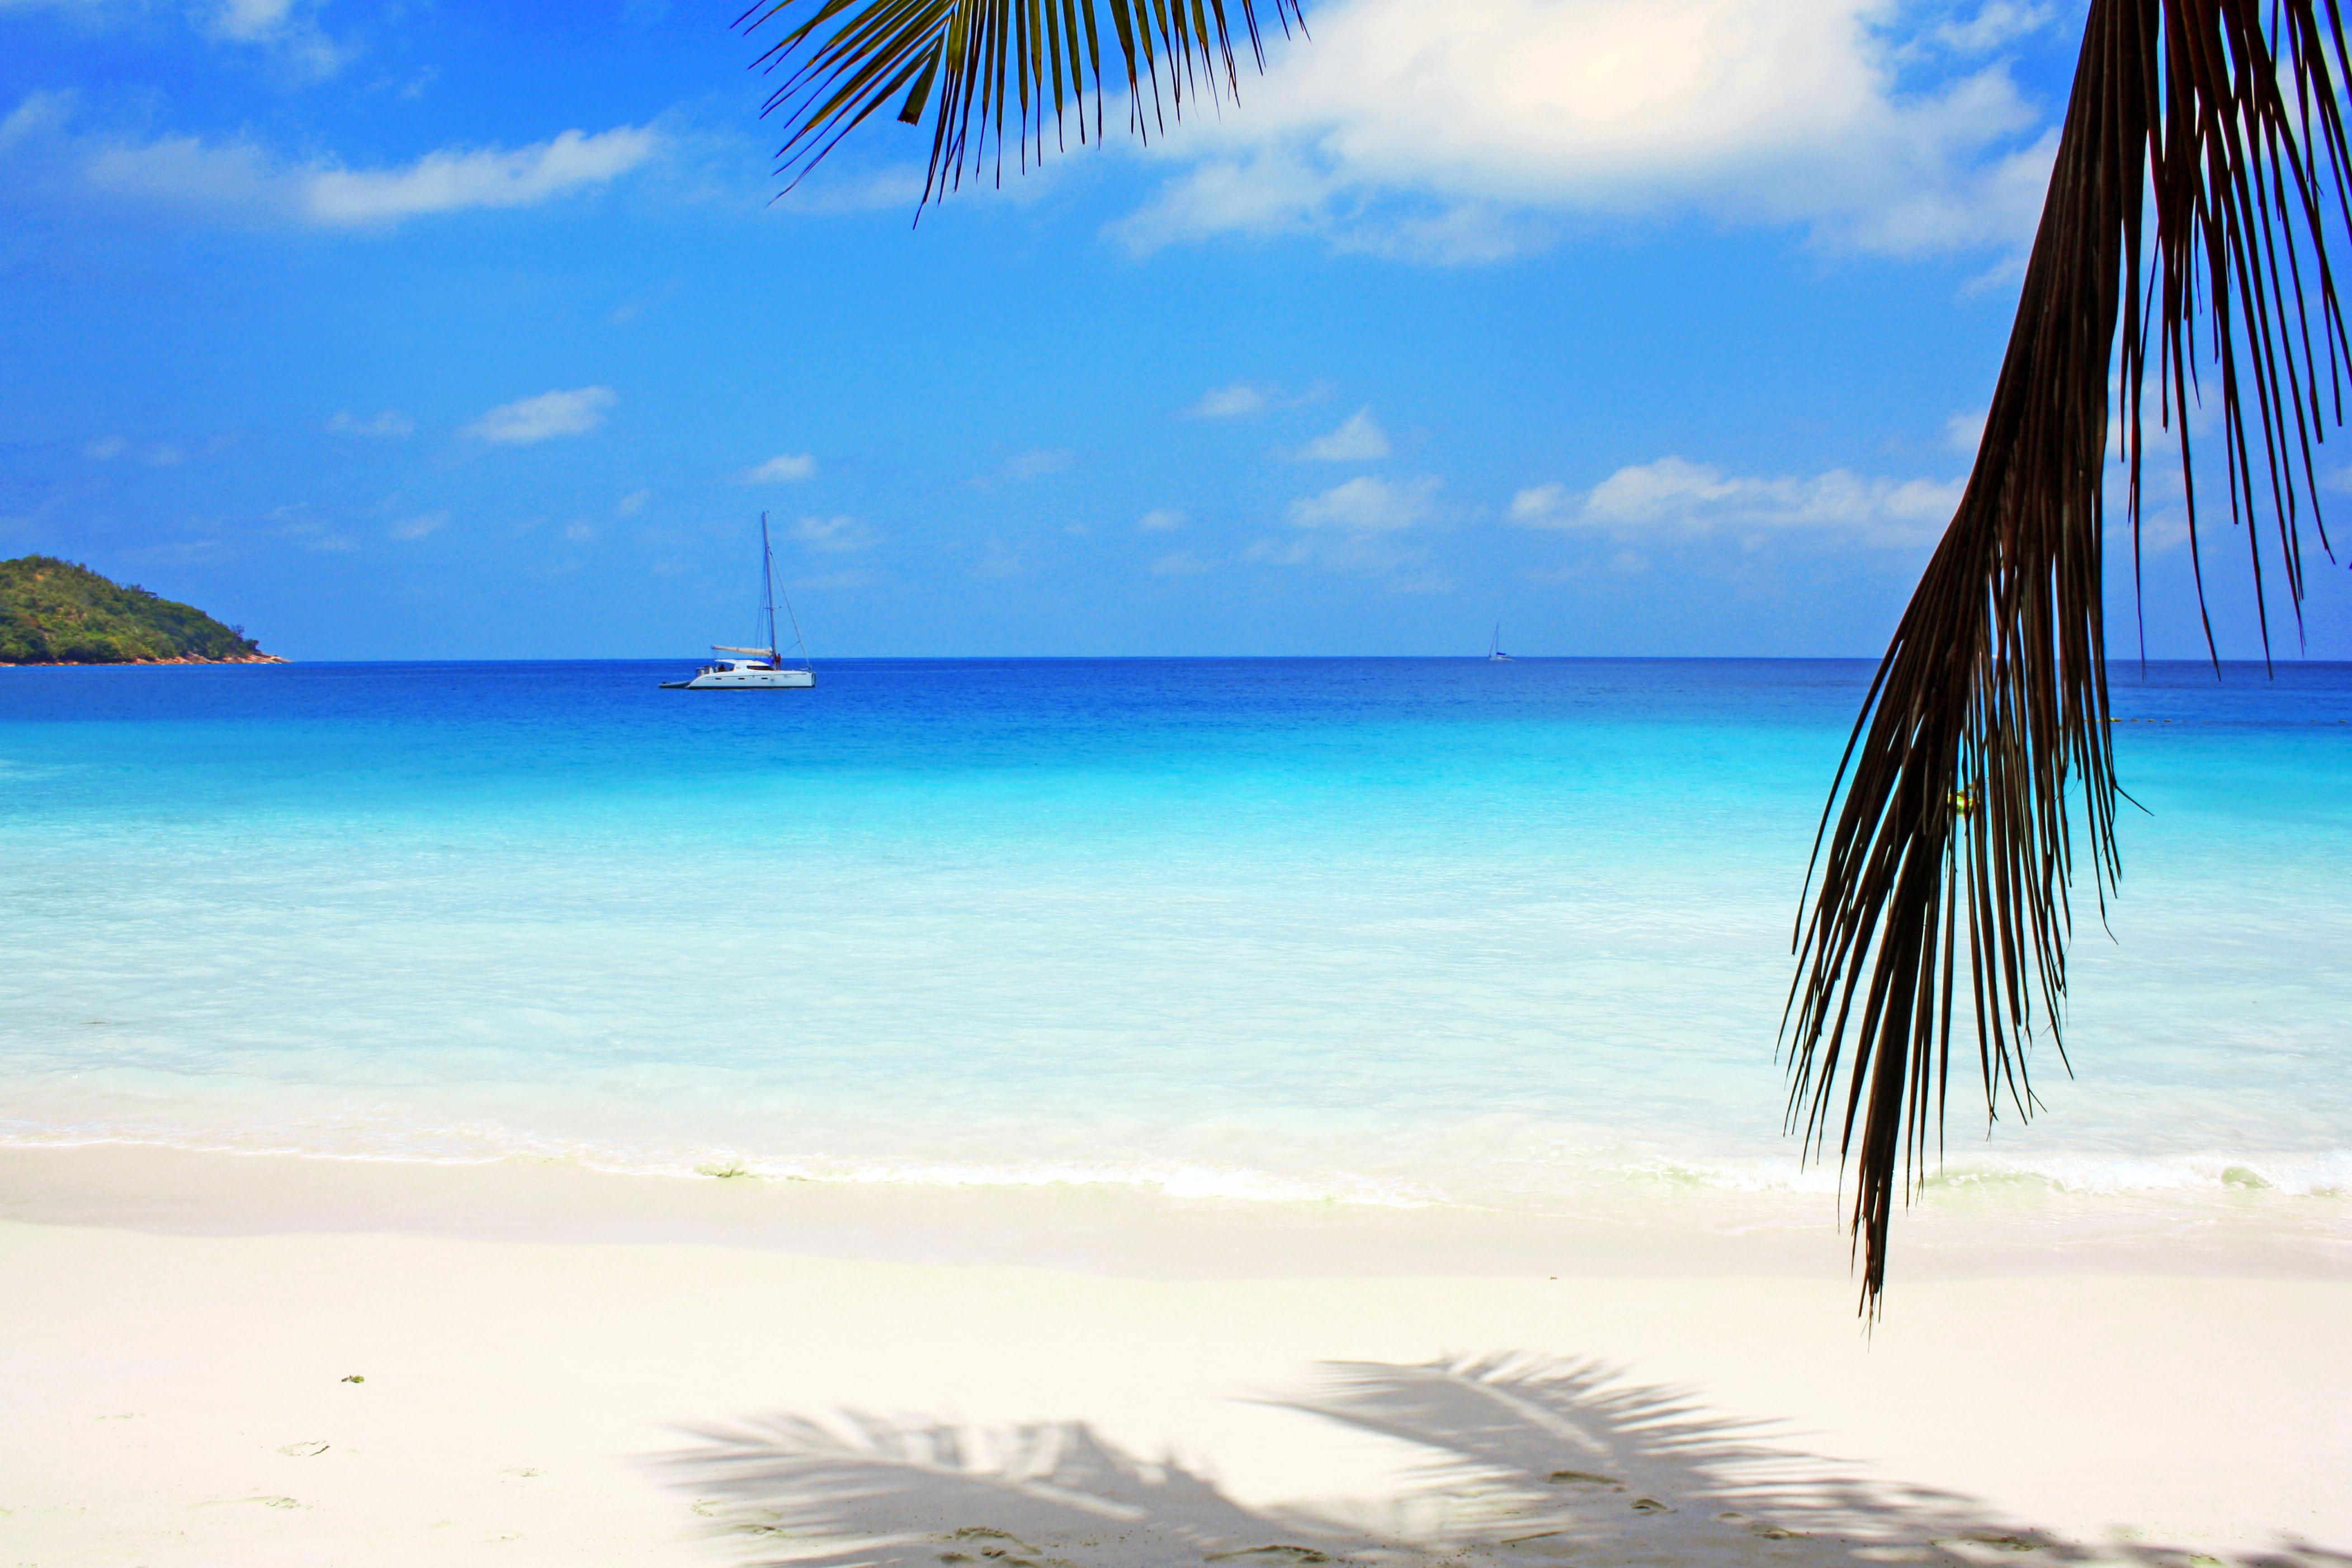 Остров в море без смс